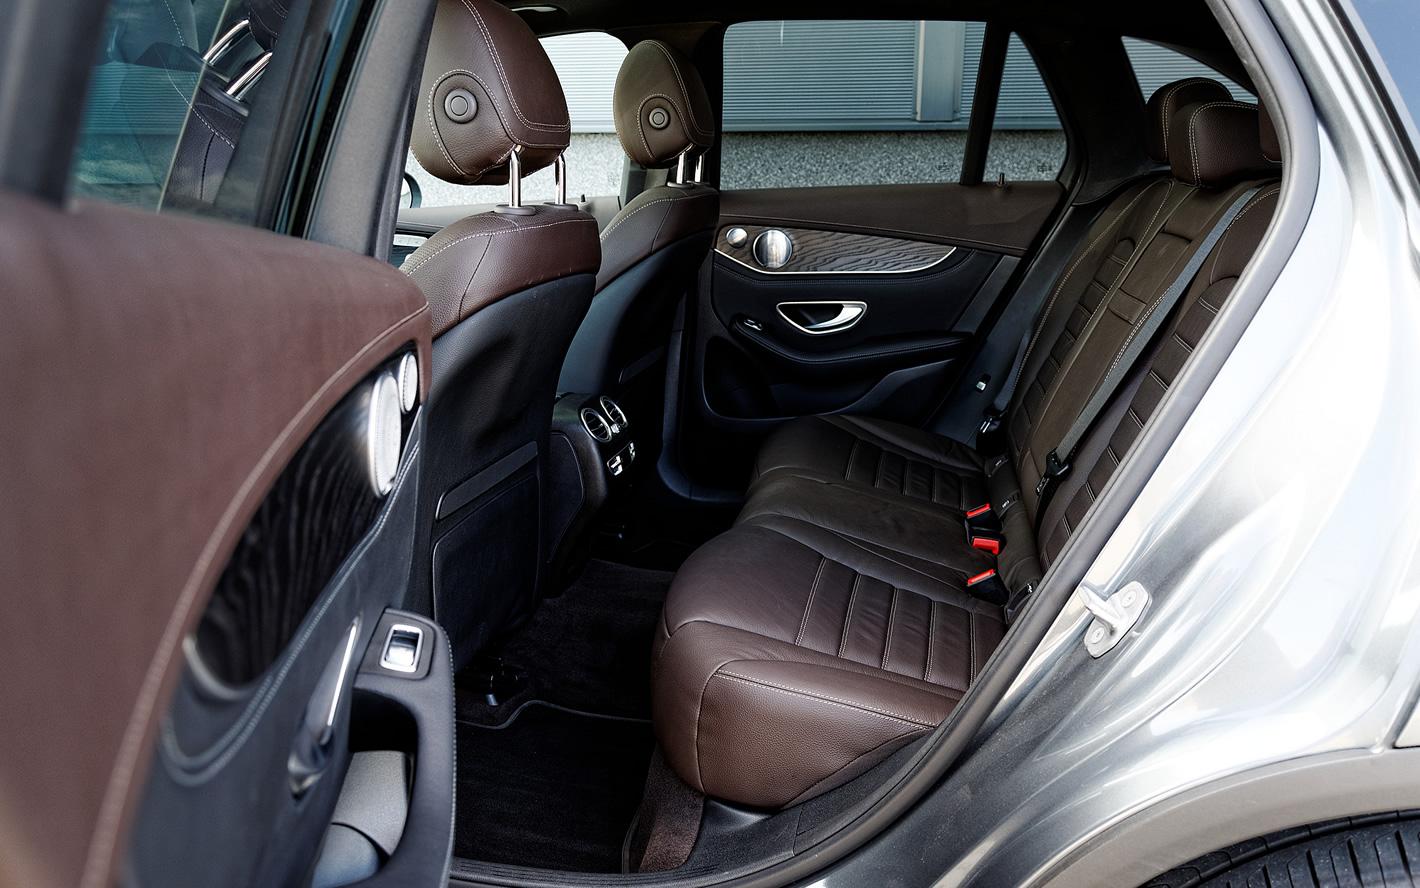 Mercedes-Benz GLC 350 e 4Matic - duża ilość miejsca z tyłu